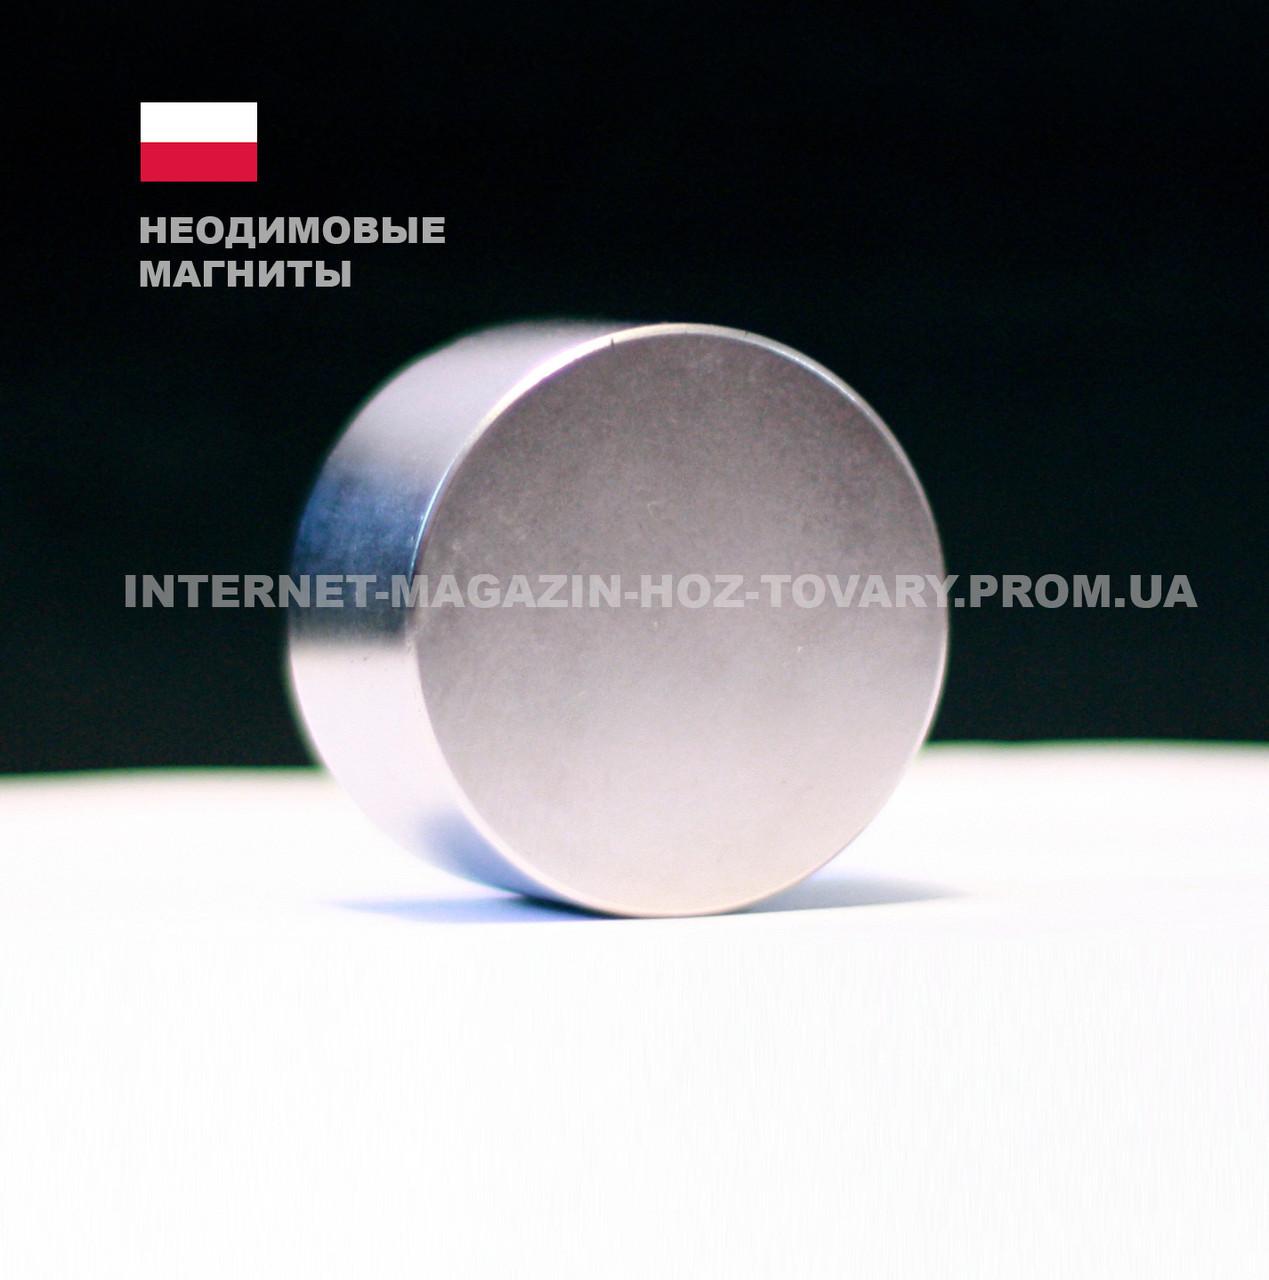 Магнит неодимовый 100х50х20 мм